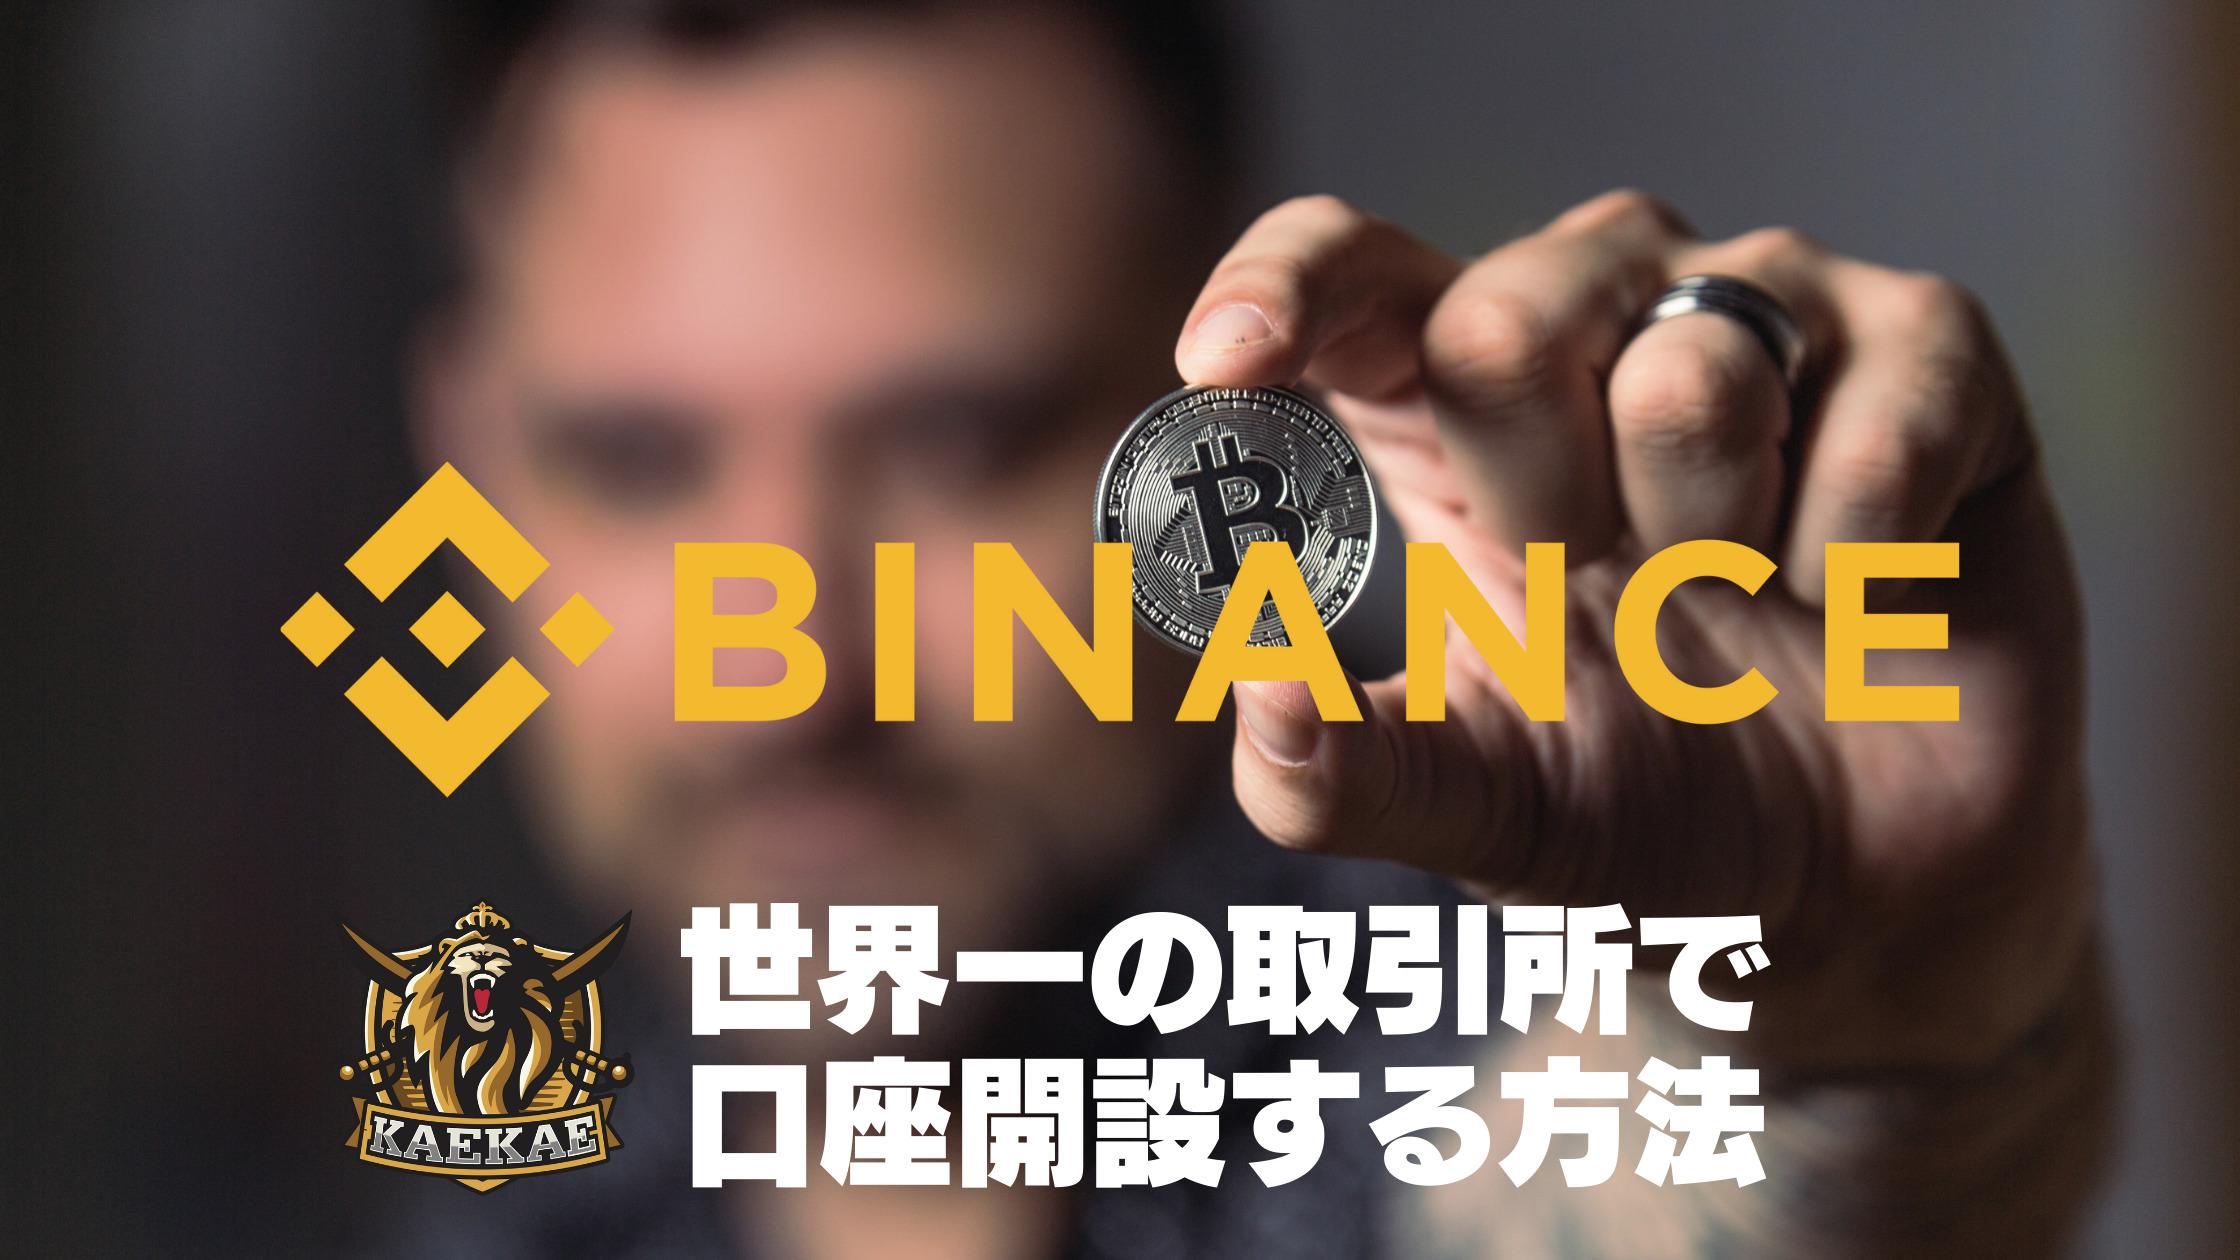 世界一の仮想通貨取引所、バイナンス(Binance)アカウントを作ろう!